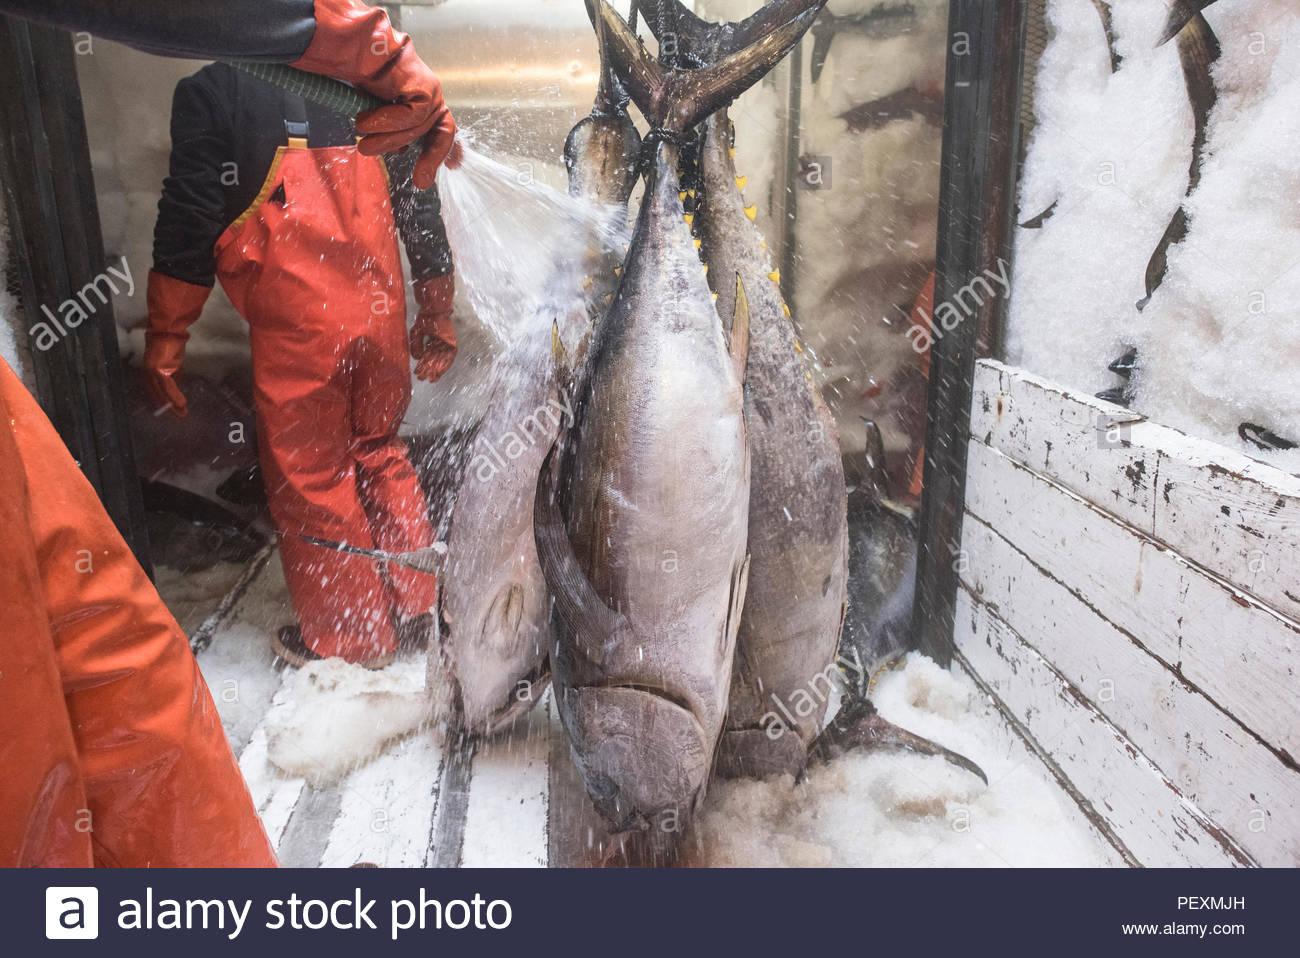 Nettoyage des pêcheurs de poissons Limande sur bateau de pêche, San Diego, California, USA Photo Stock